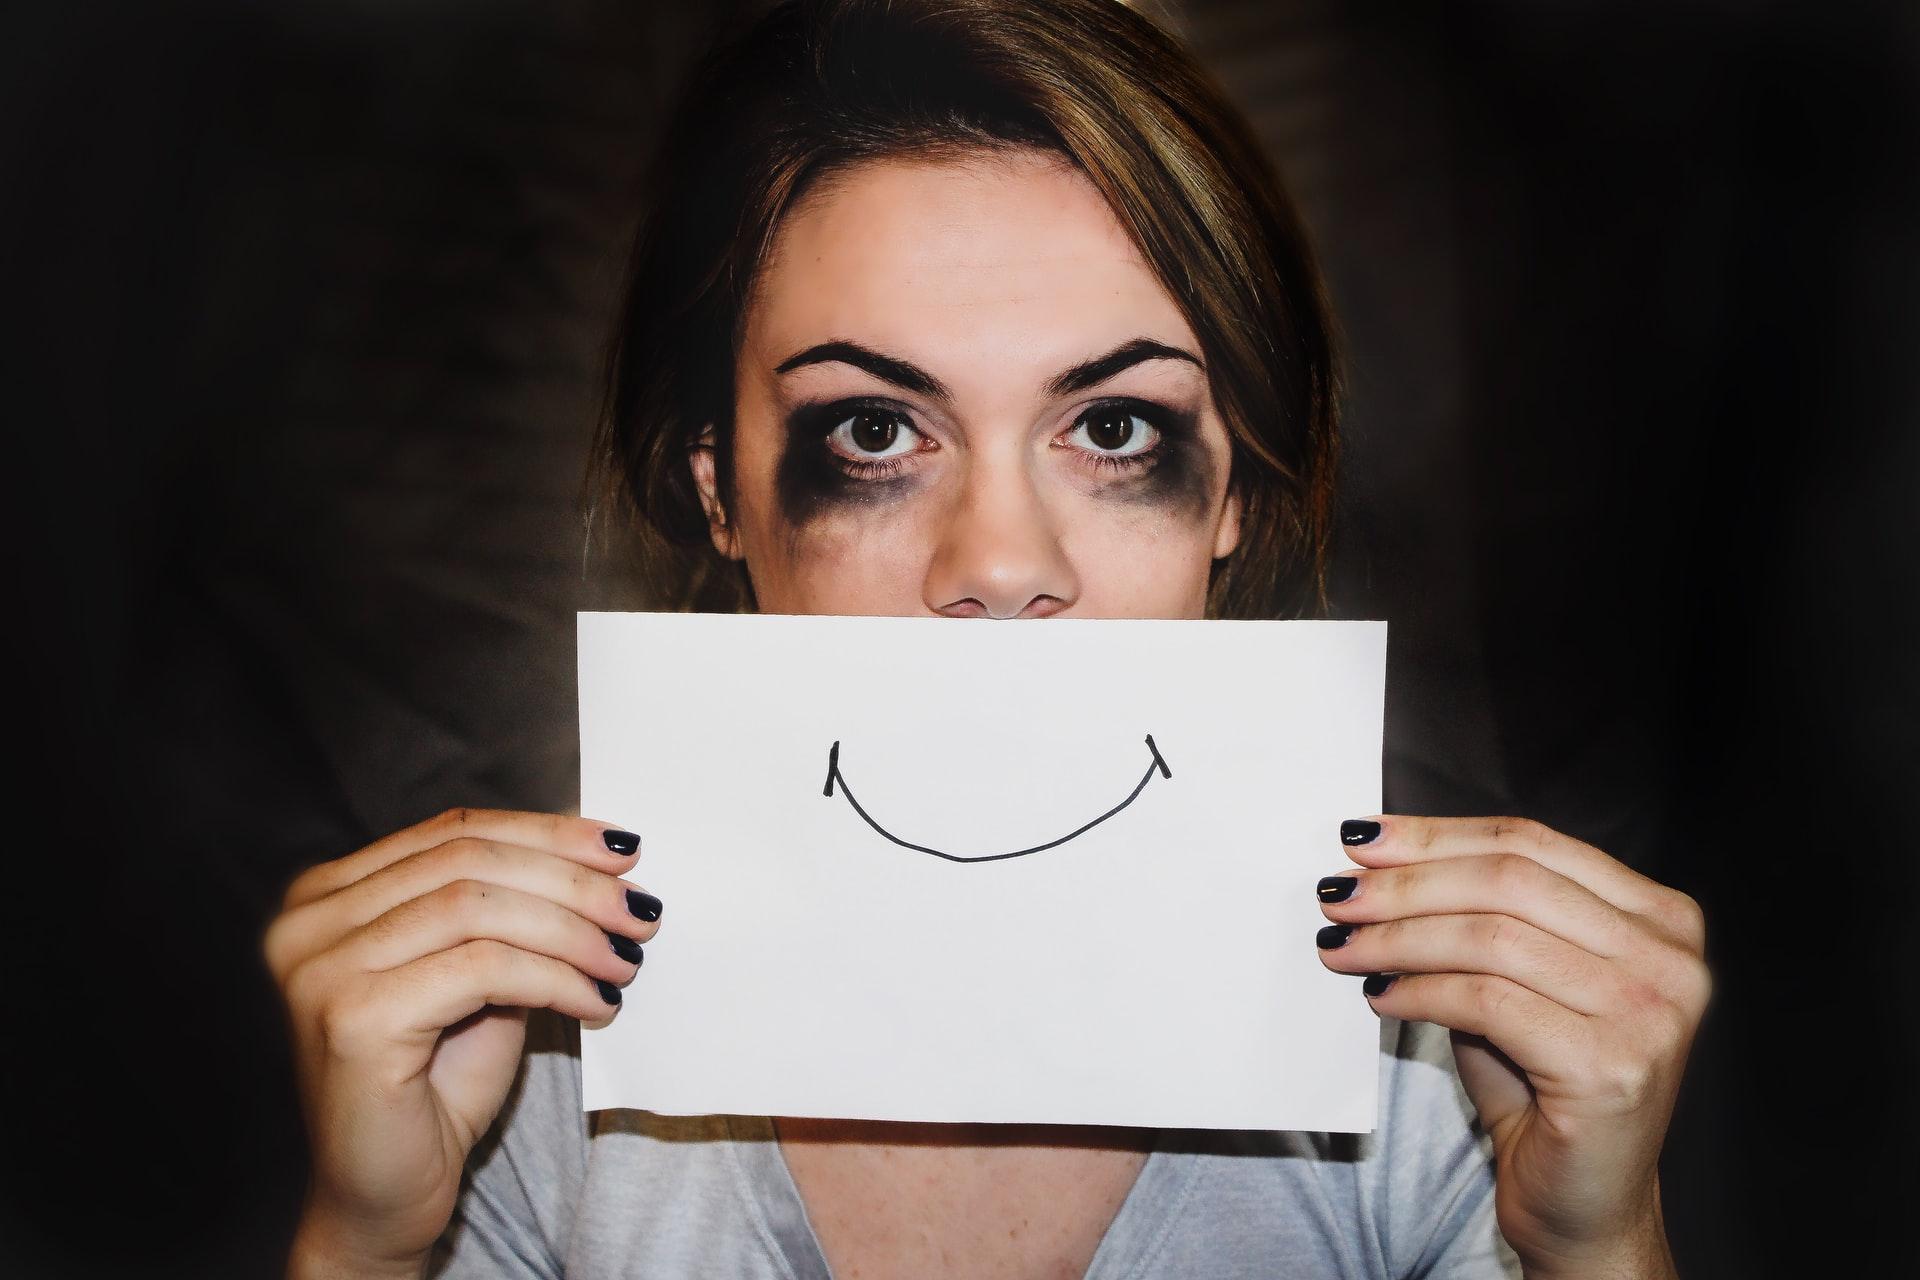 A mentális egészségről posztolók nem terapeuták